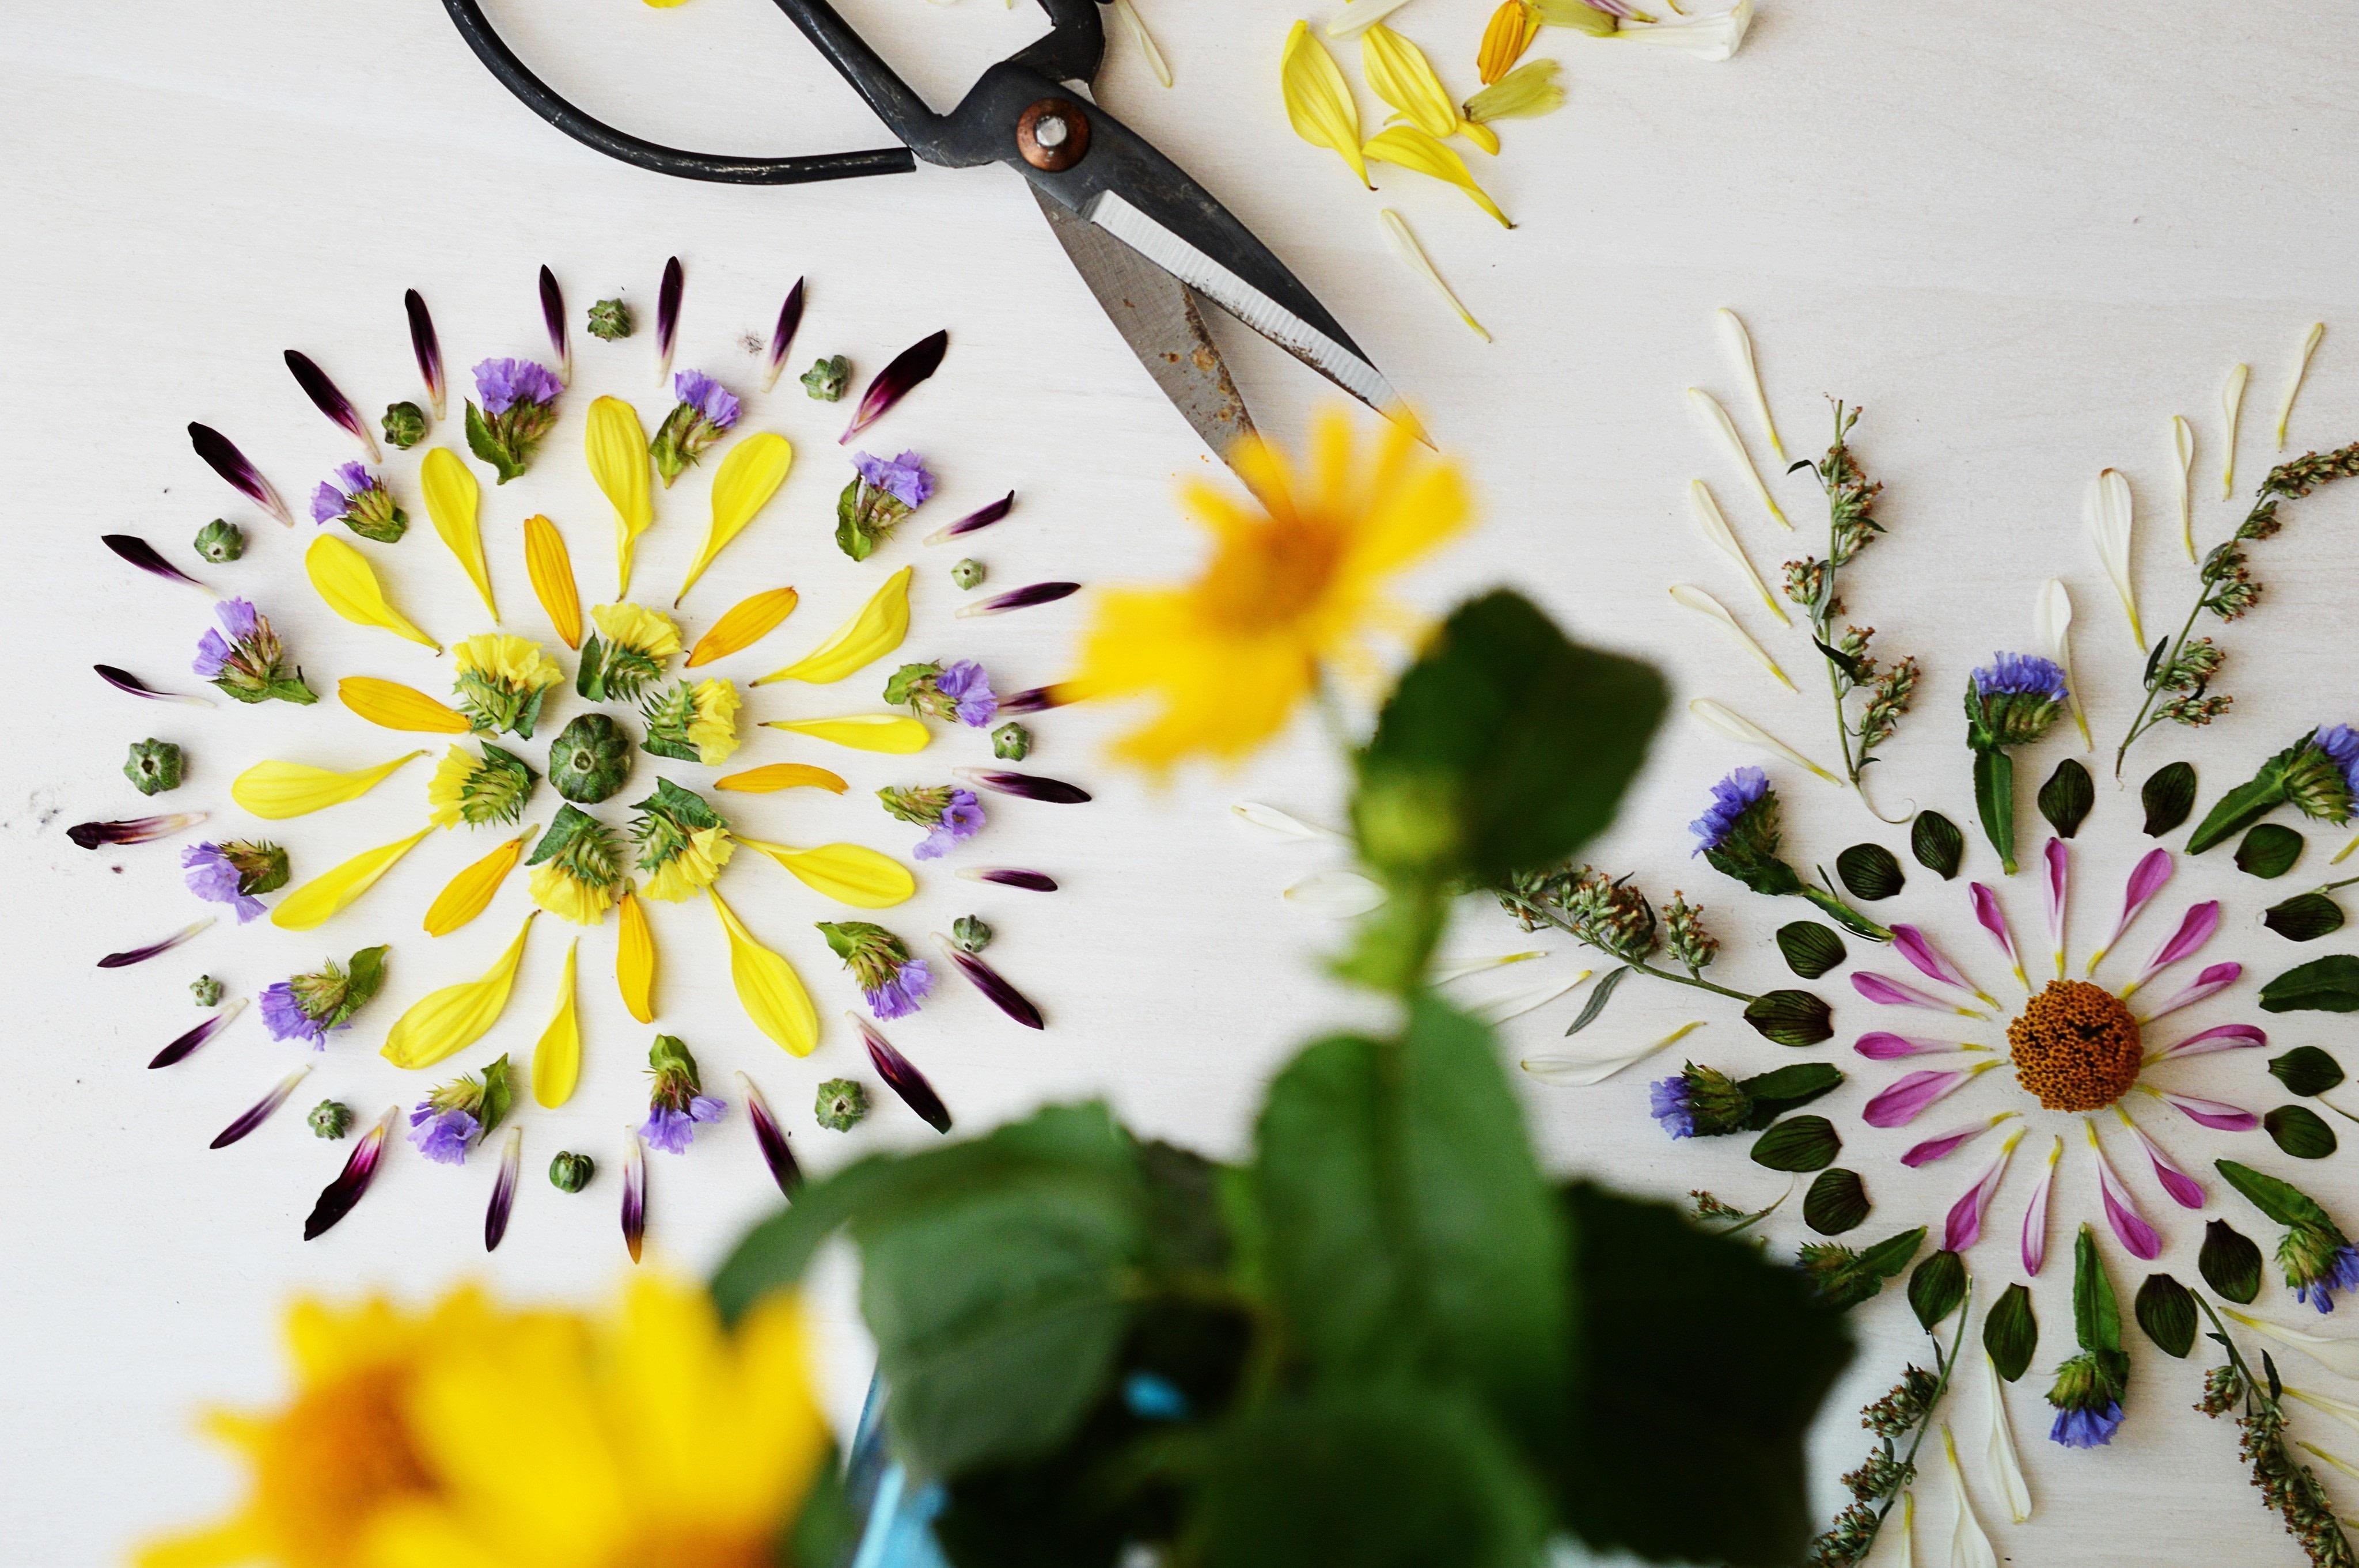 Flower Art, The art of Delmus Phelps